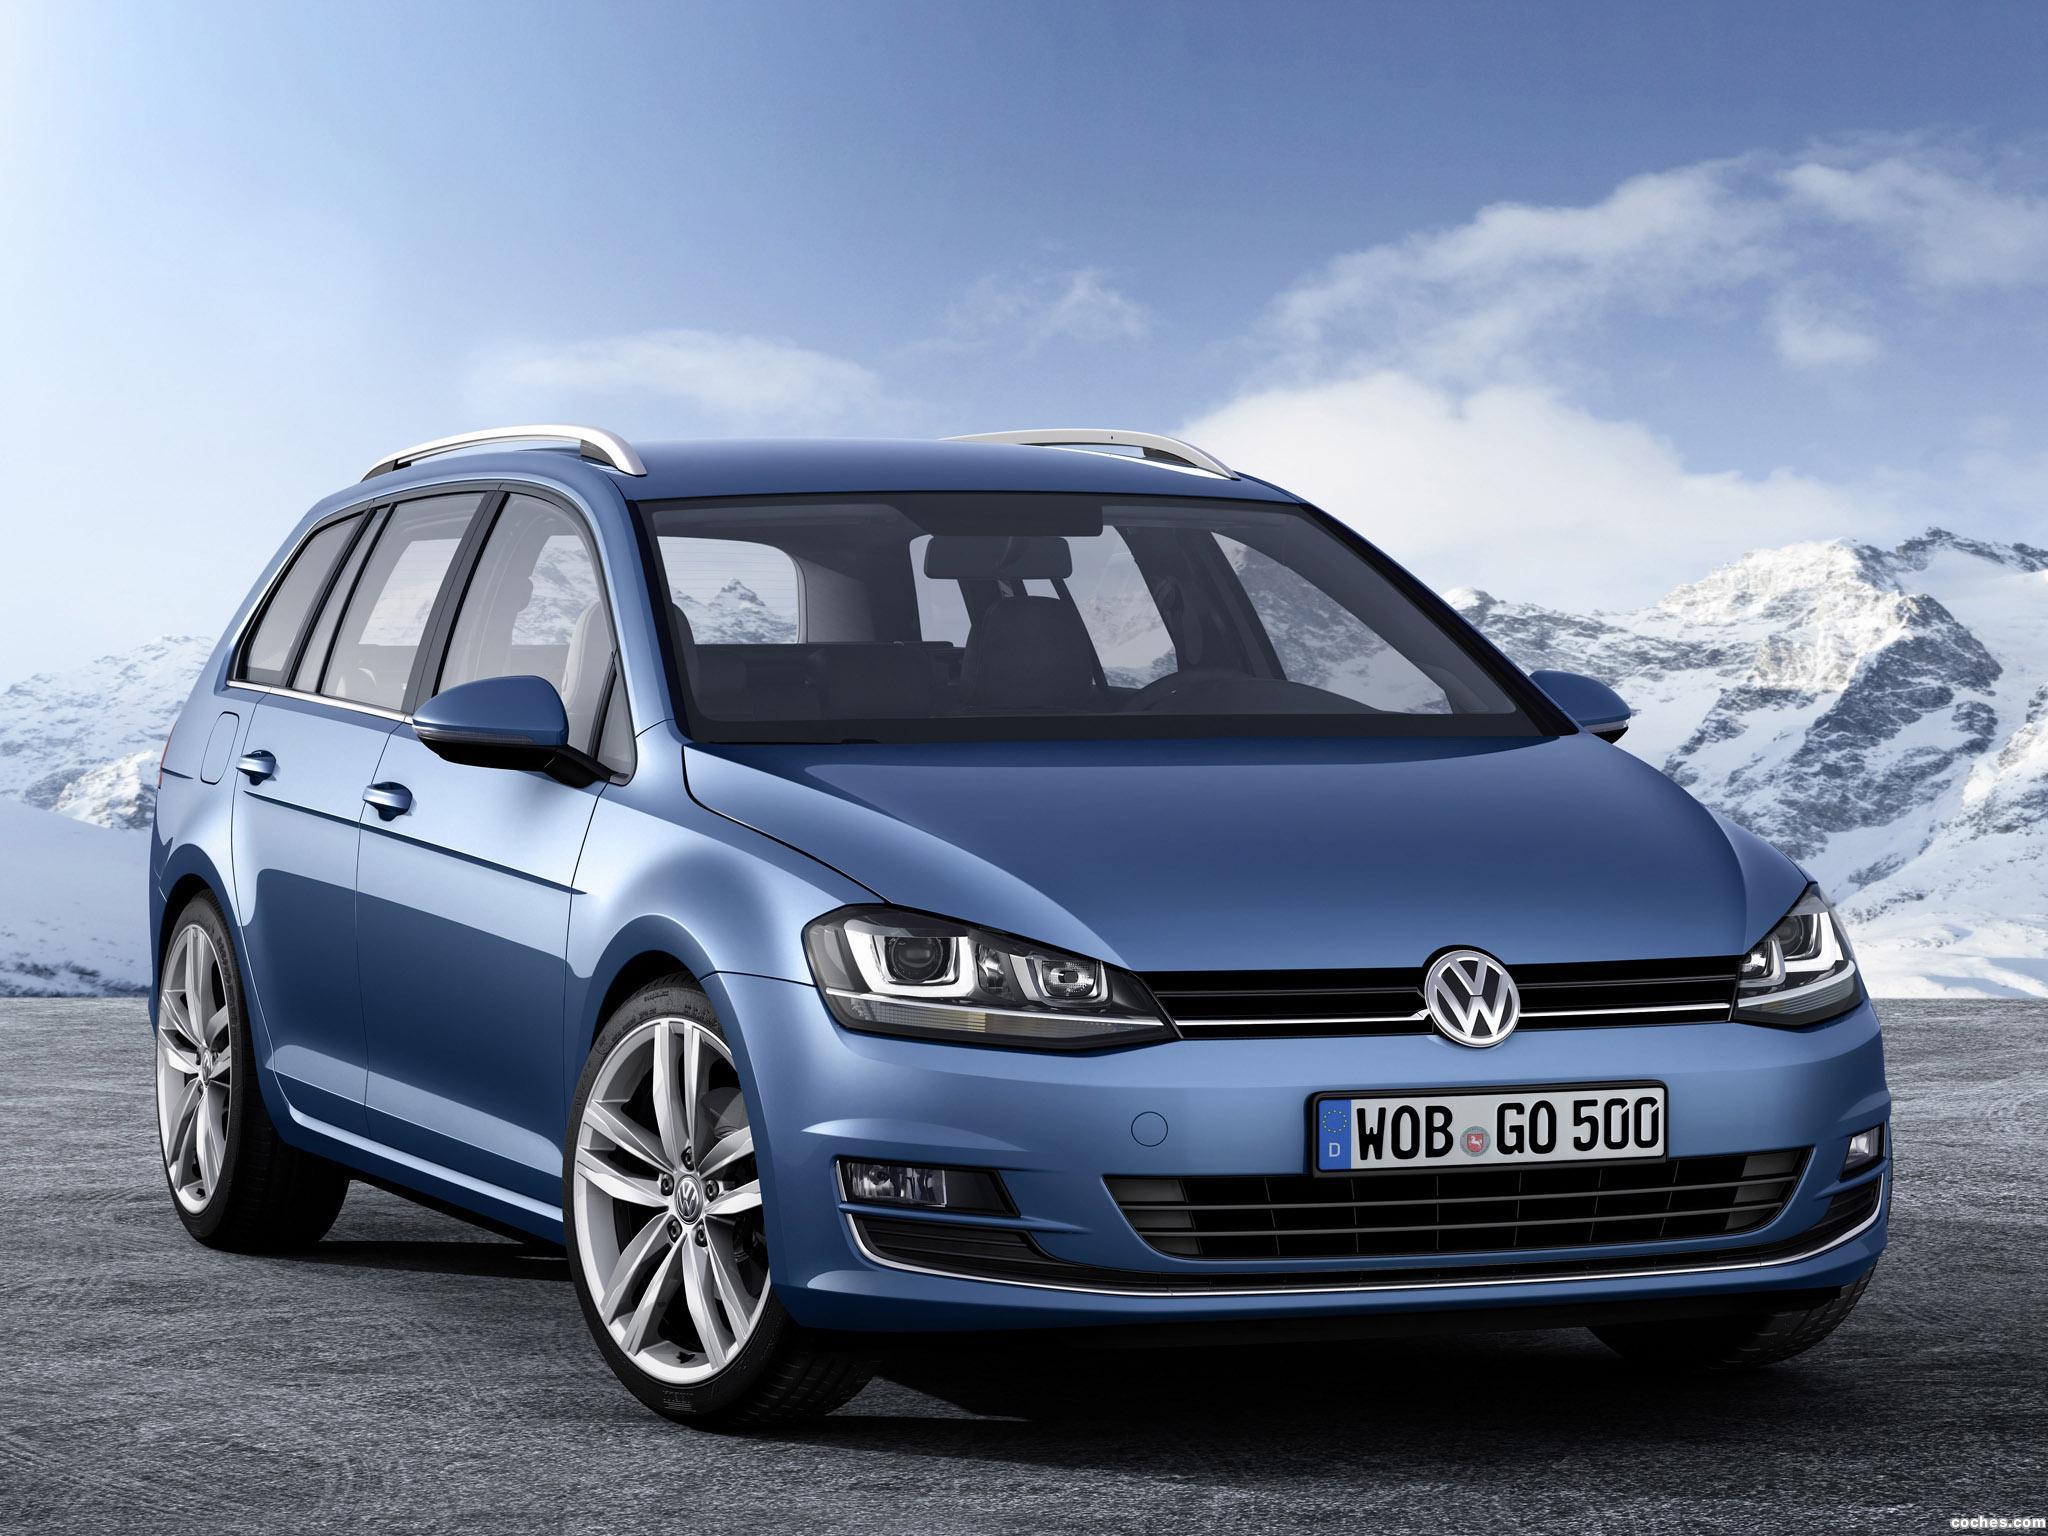 Foto 0 de Volkswagen Golf 7 Variant TSI BlueMotion 2013